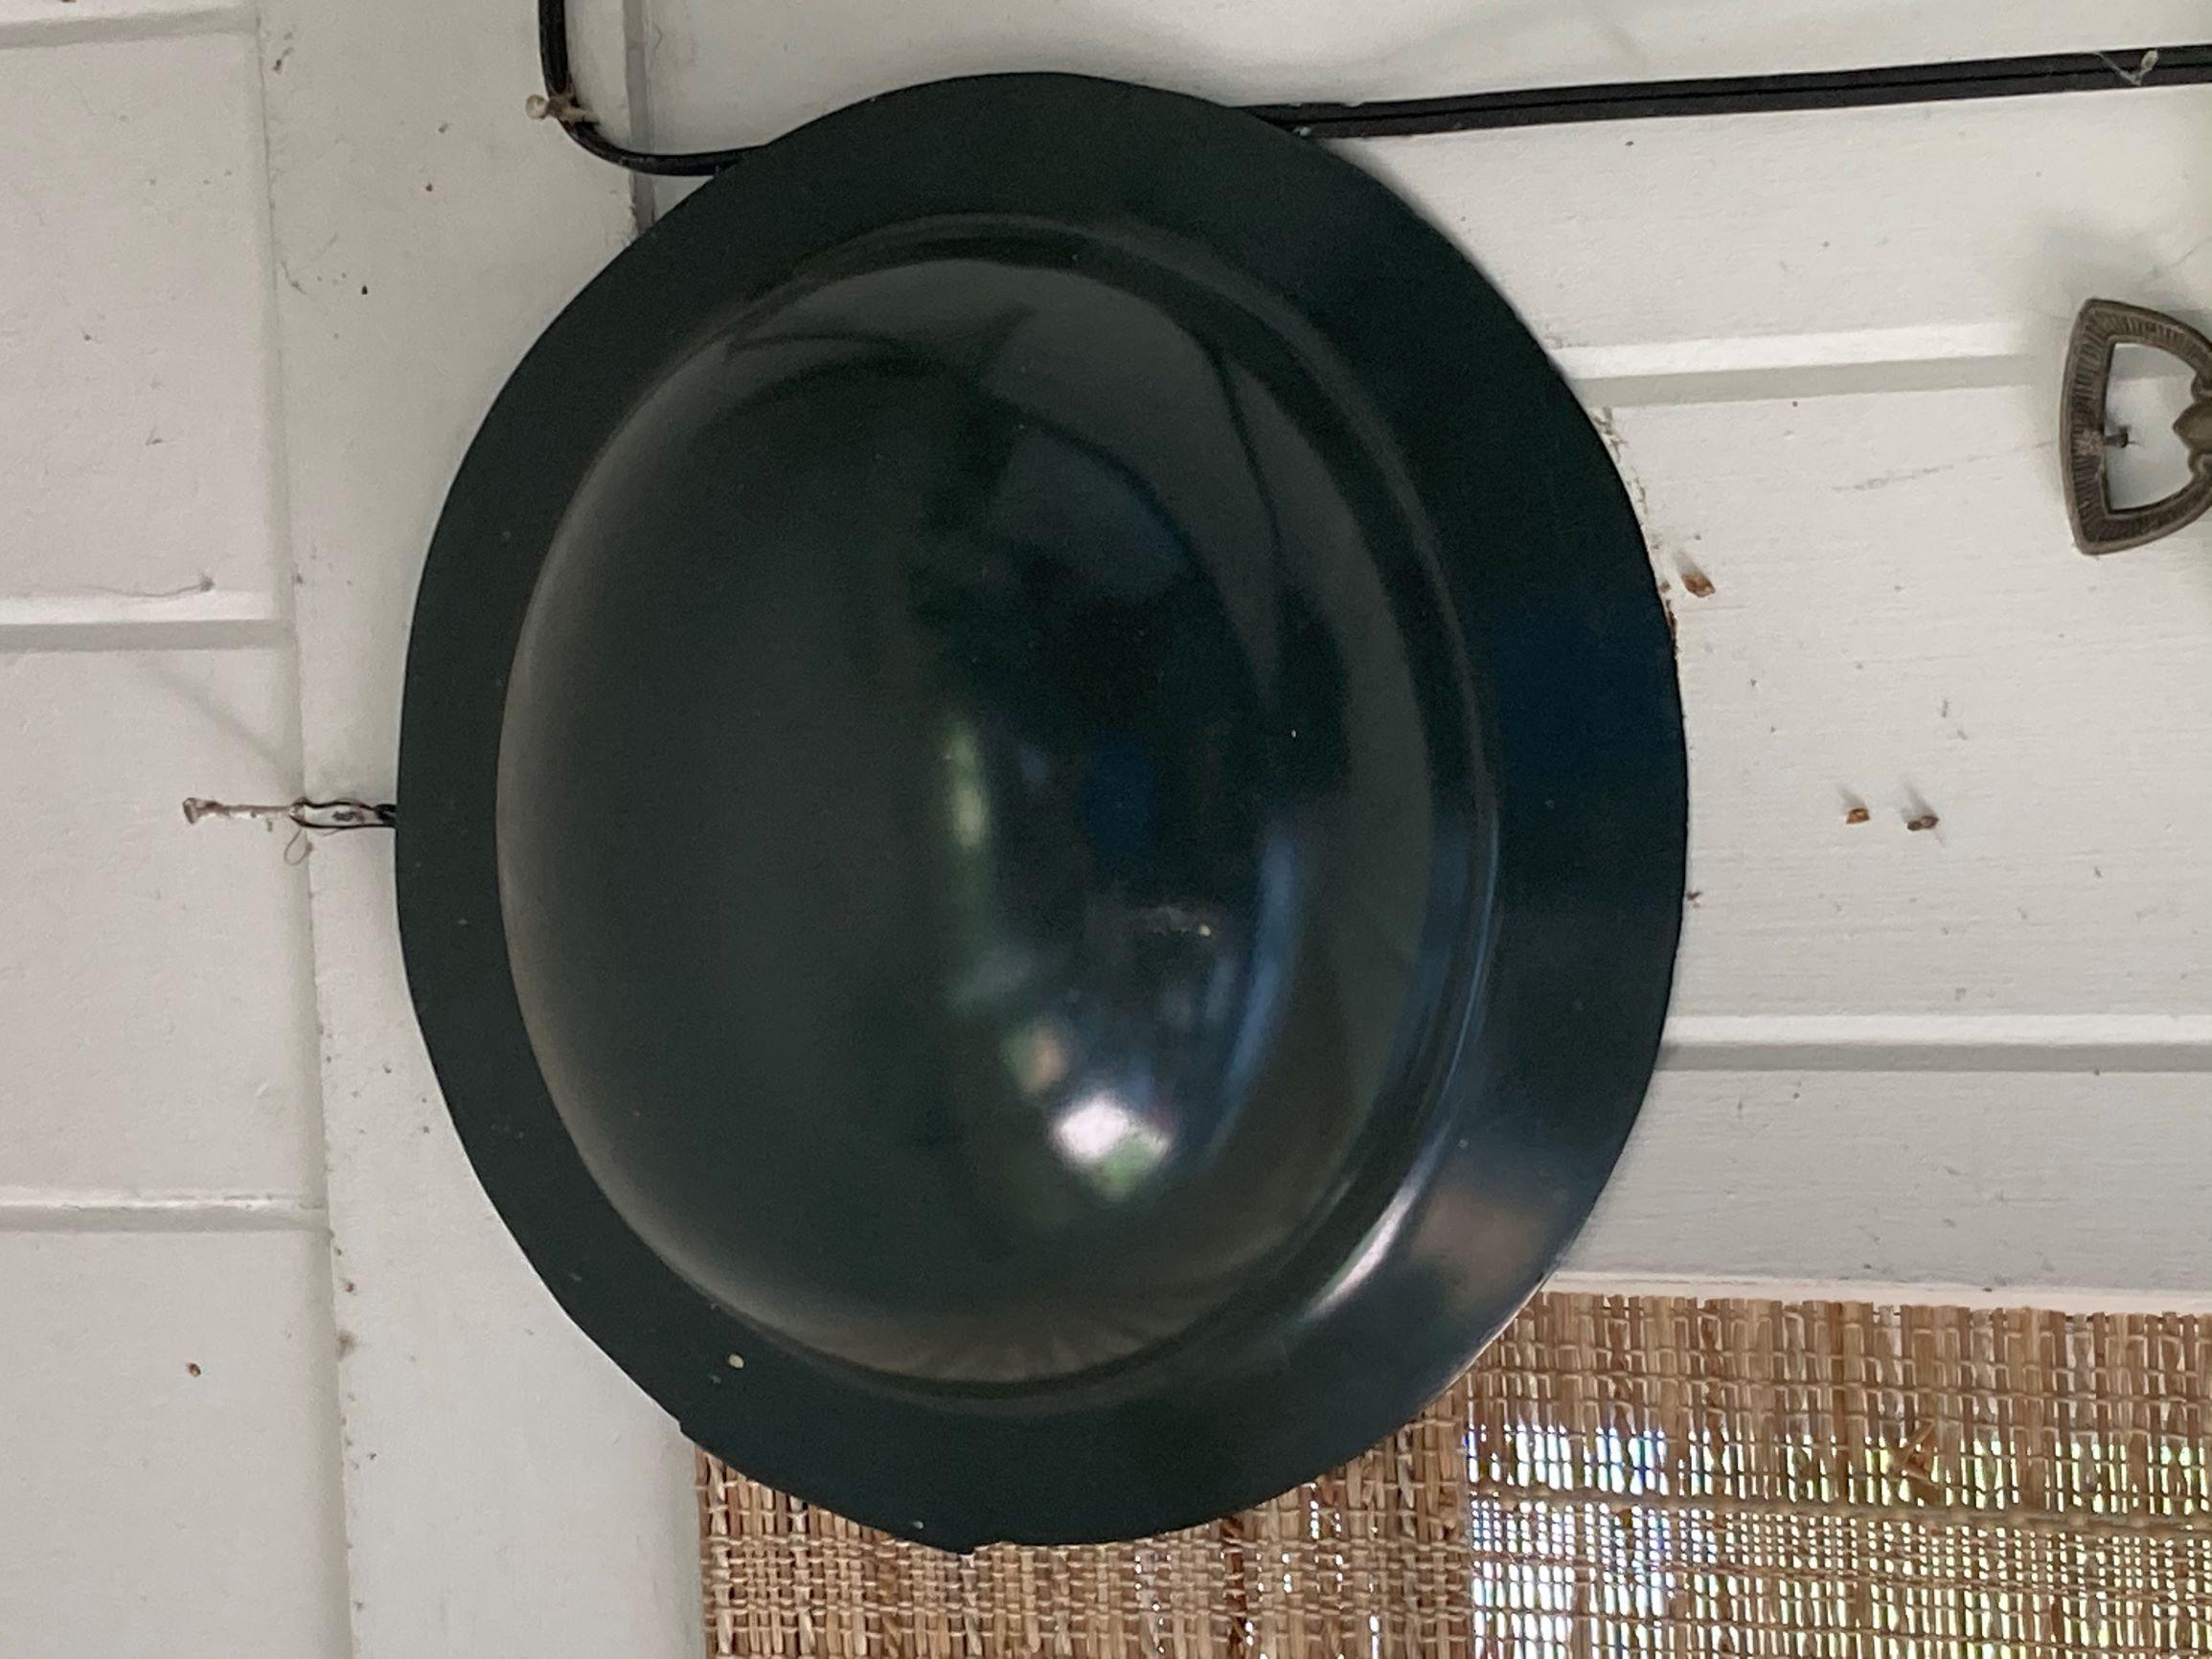 black metal helmet hanging from a door